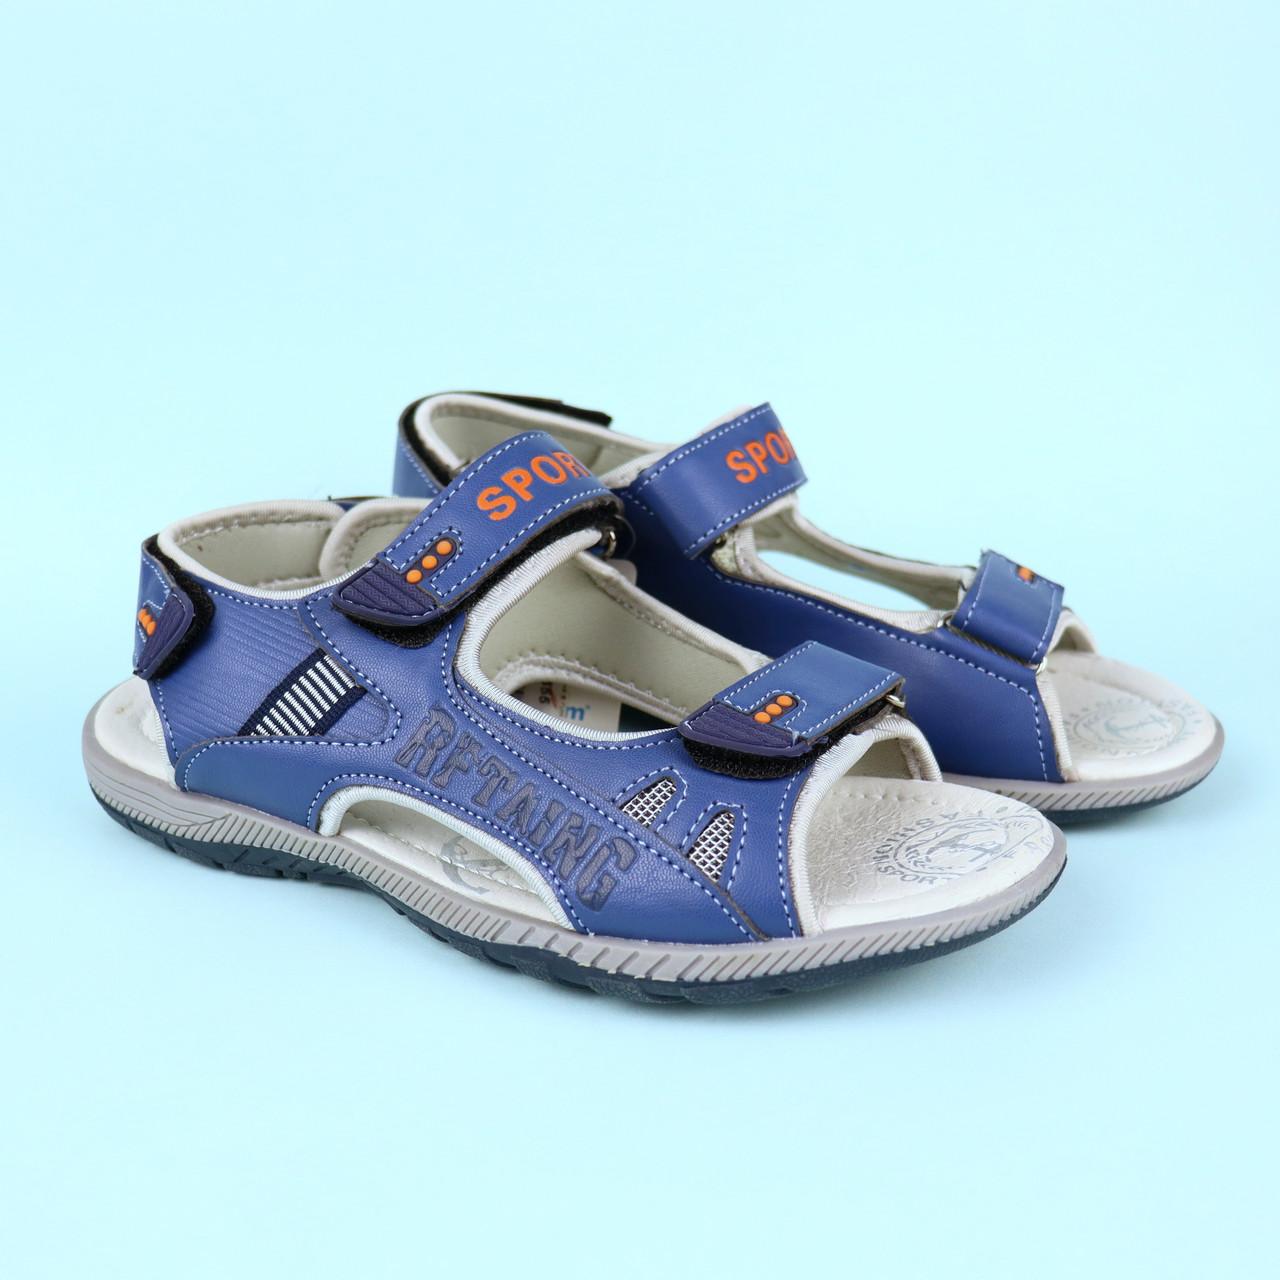 Підліткові босоніжки, сандалі на хлопчика тм Tom р. 37,39